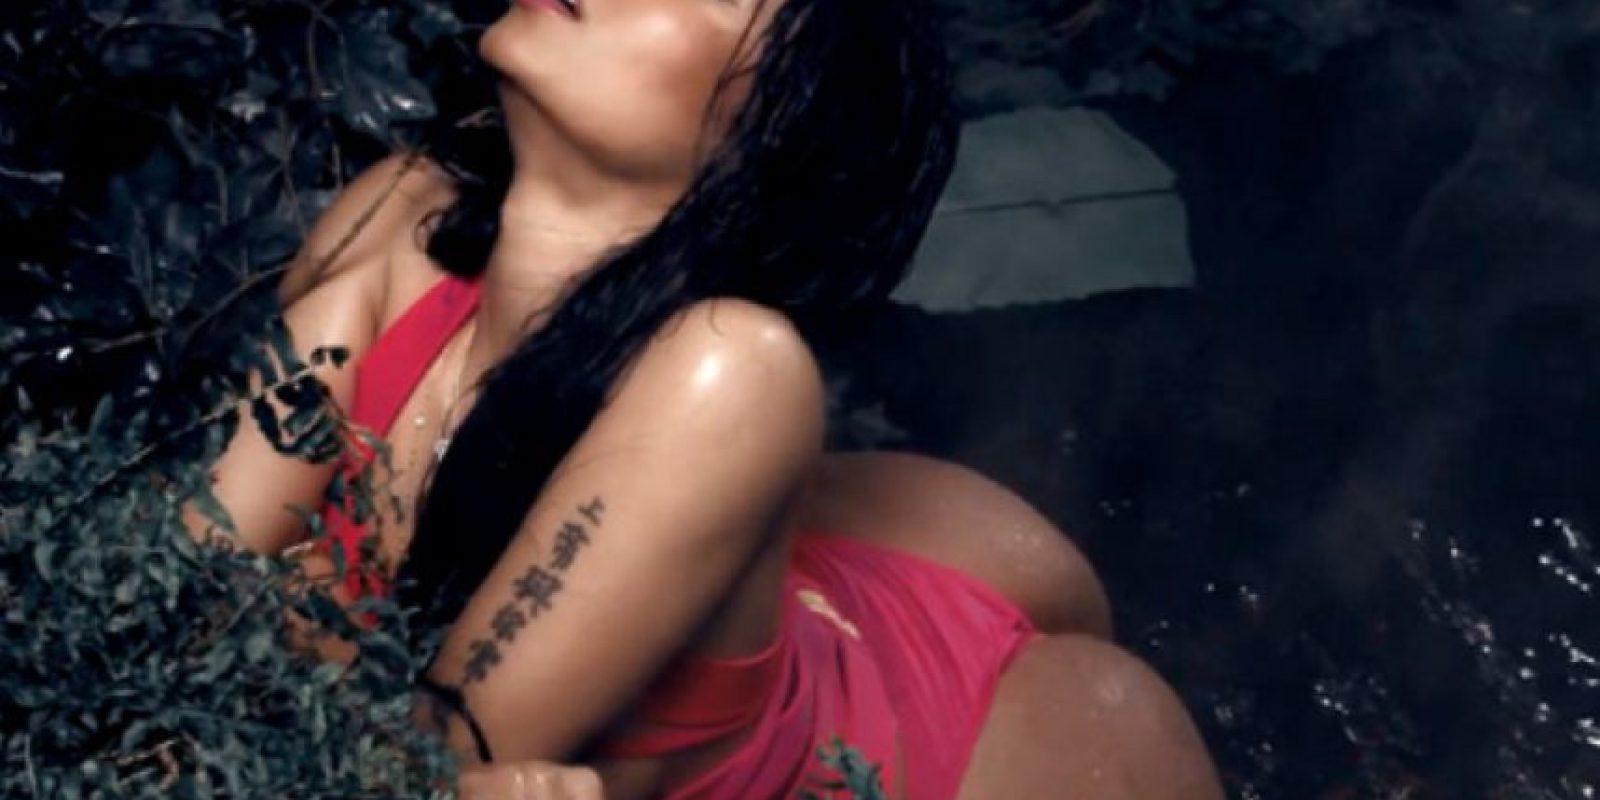 El video se hizo famoso por sus letras explícitas. Foto:vía VEVO/Nicki Minaj